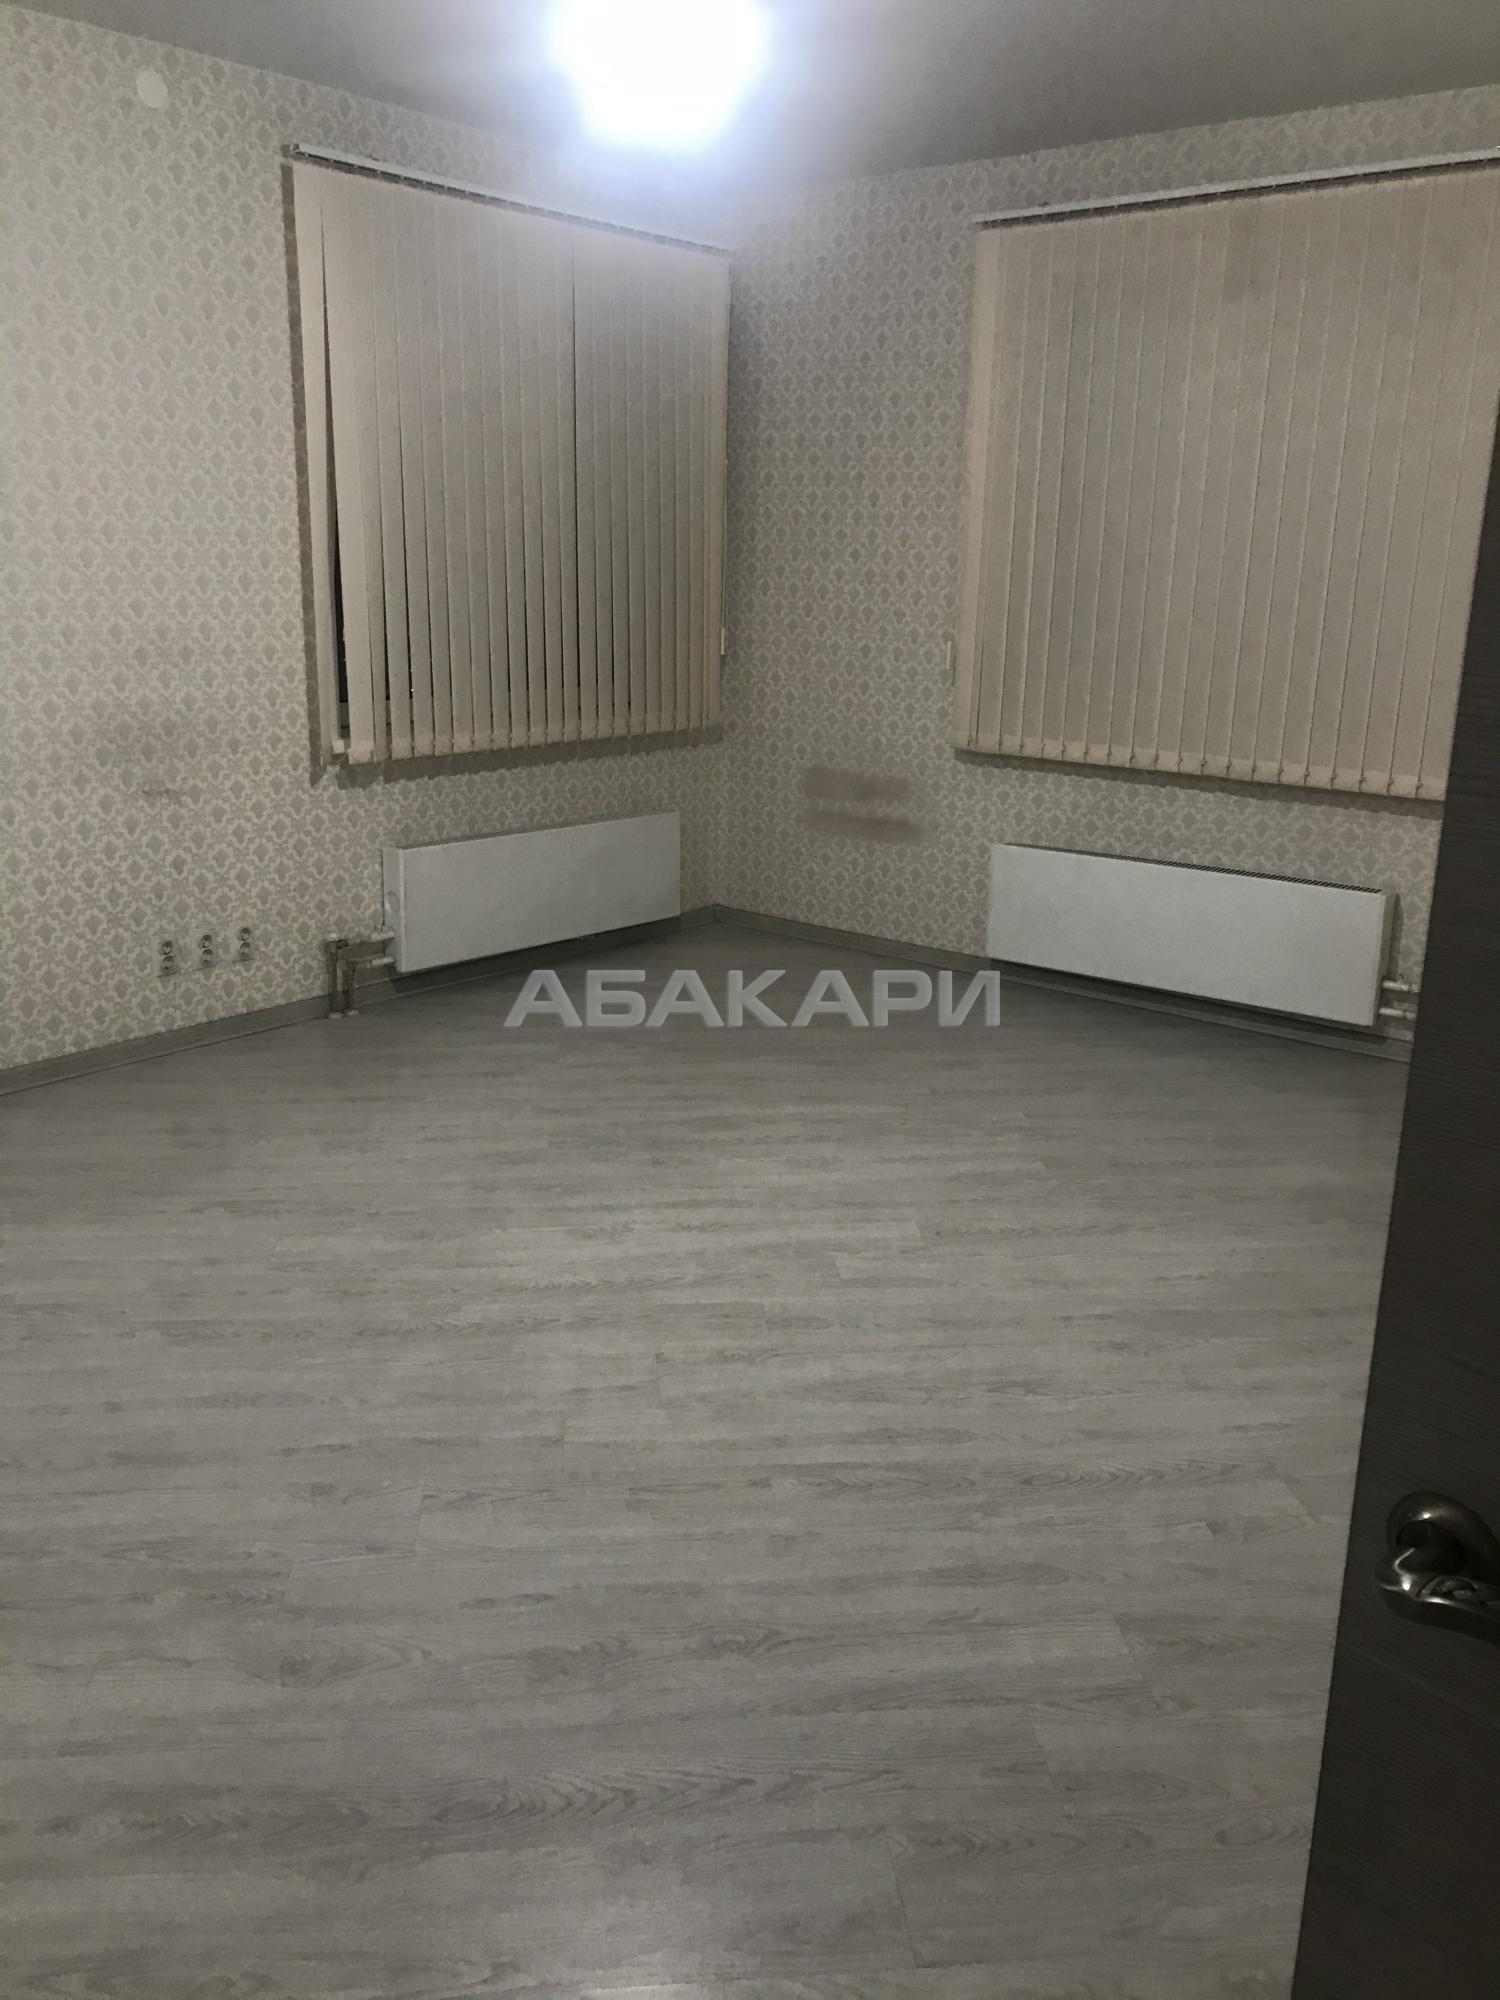 3к квартира улица Алексеева, 46 12/24 - 75кв | 25000 | аренда в Красноярске фото 6